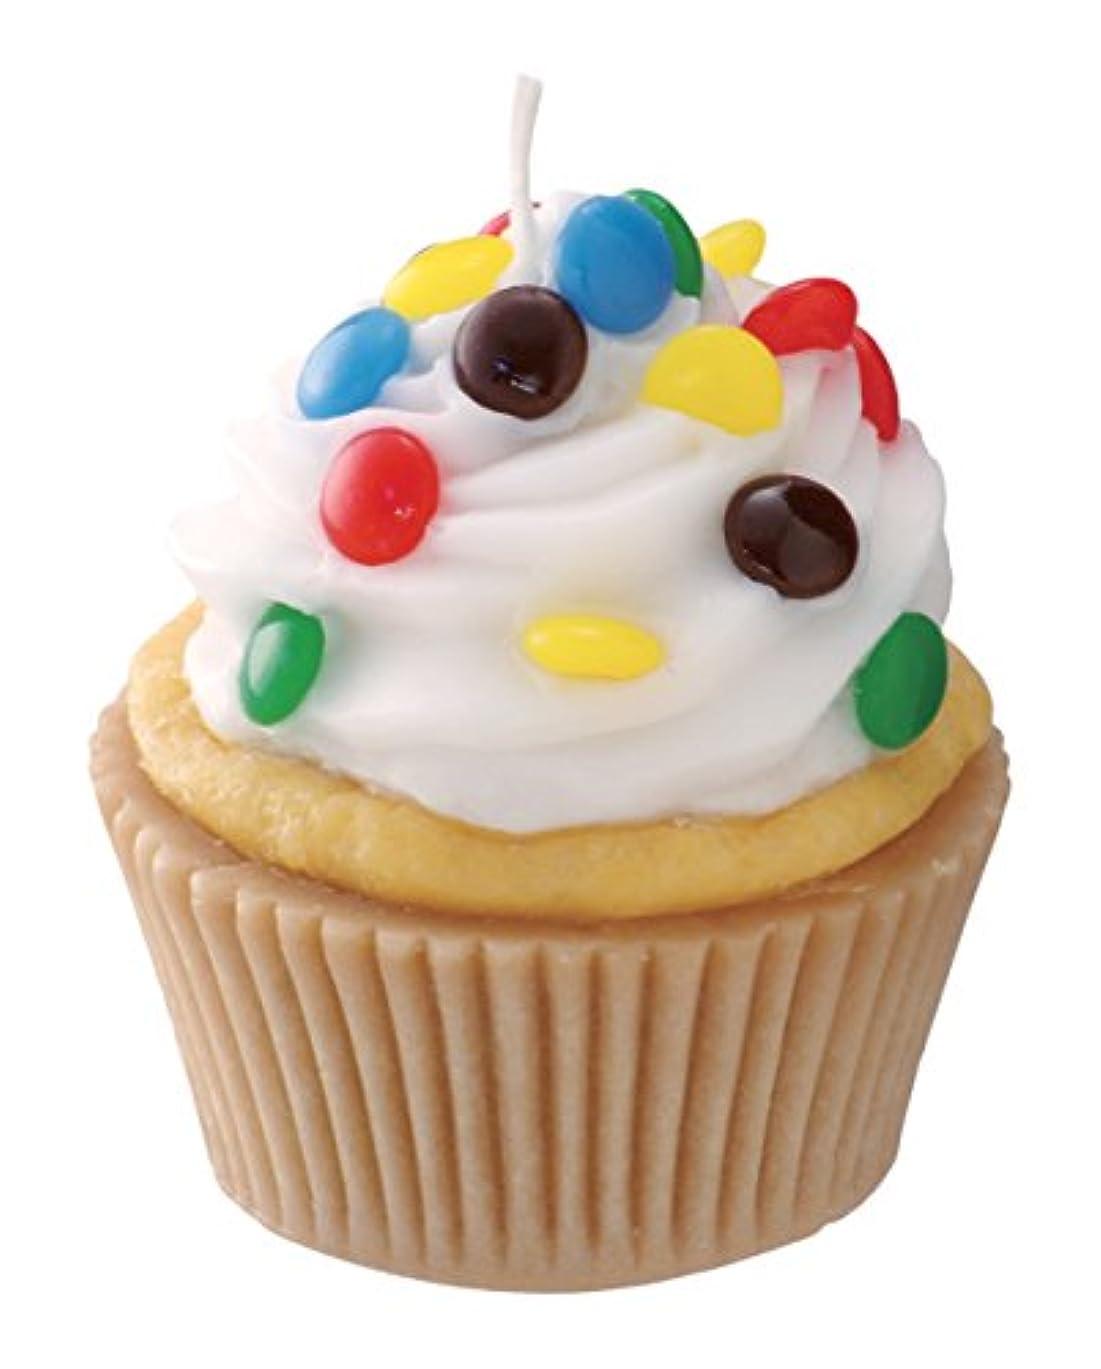 日曜日許可するインドカメヤマキャンドルハウス 本物そっくり! アメリカンカップケーキキャンドル ホワイトクリーム チョコレートの香り